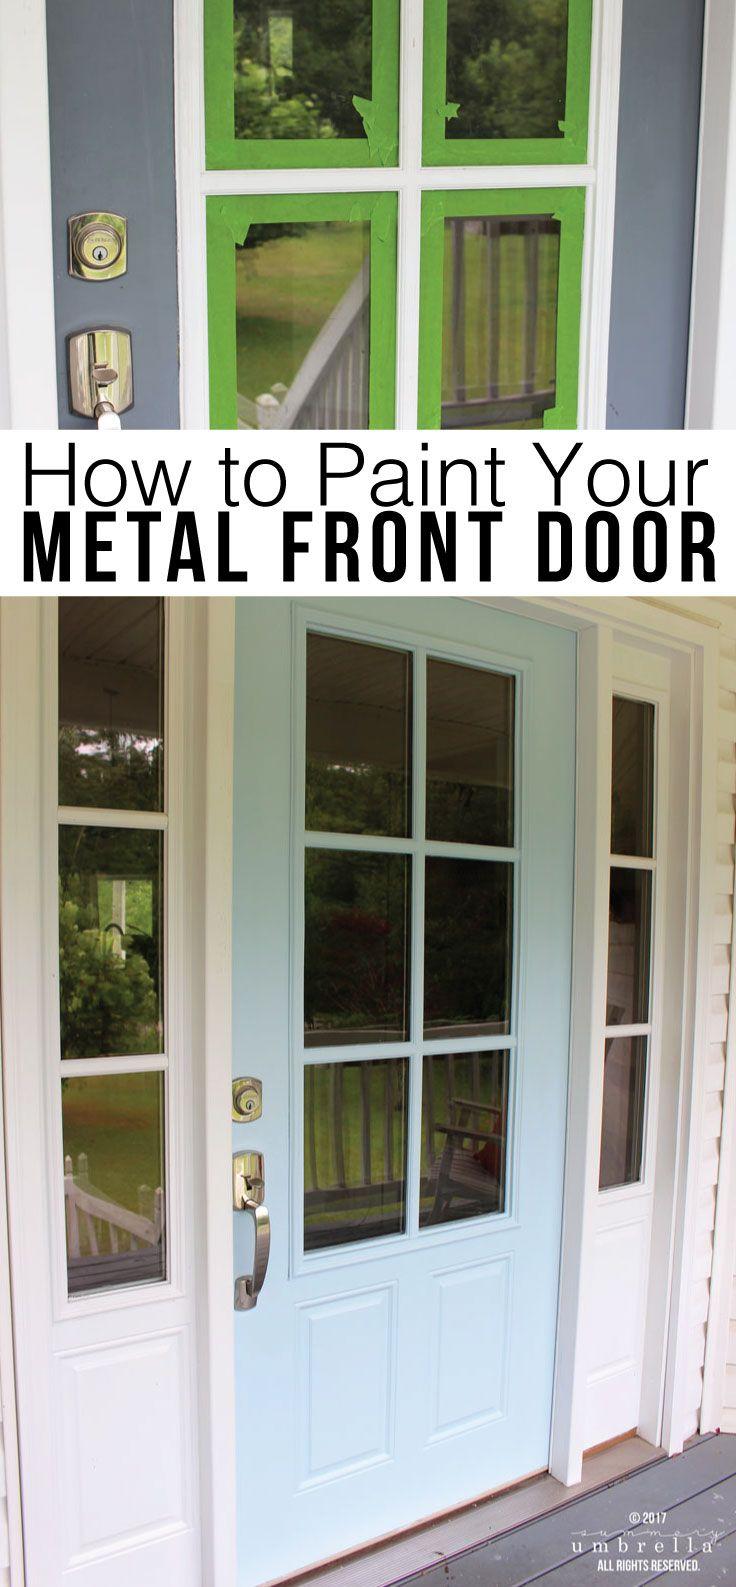 How To Paint Your Metal Front Door The Easy Way In A Few Simple Steps Metal Front Door Painted Front Doors Front Door Makeover